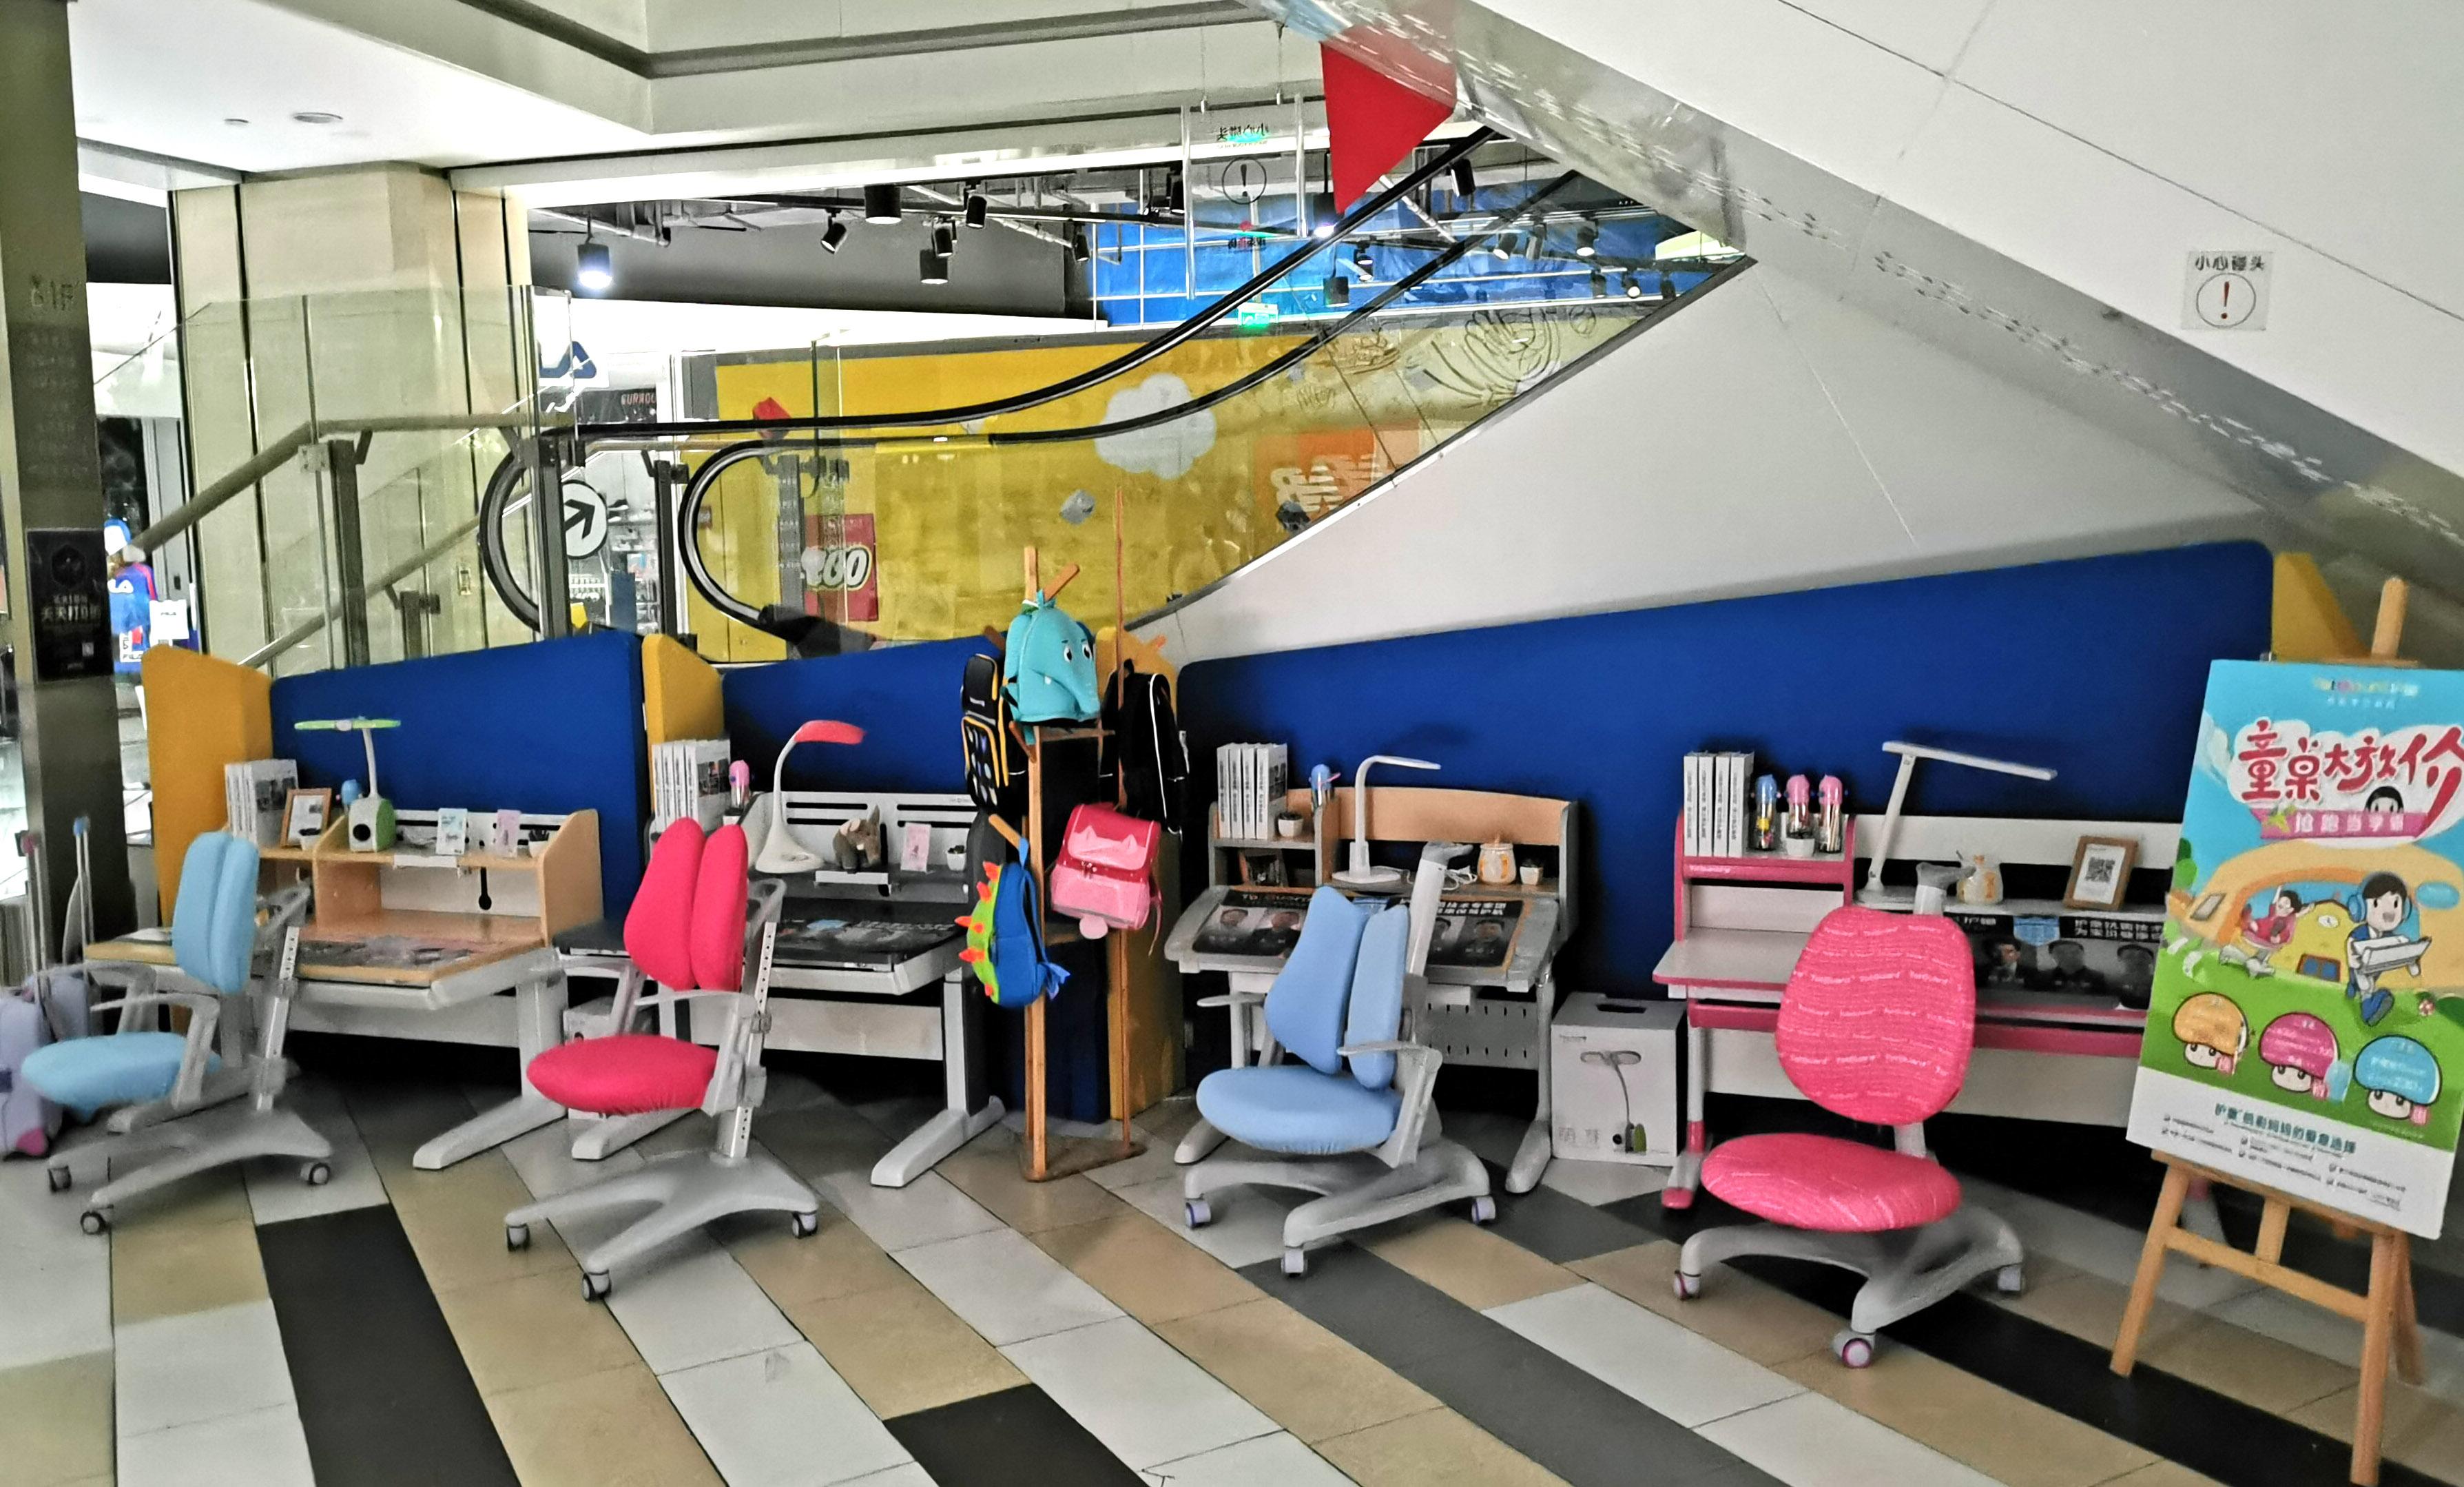 热烈祝贺护童第1710家杭州西湖银泰护童专柜盛大开业!